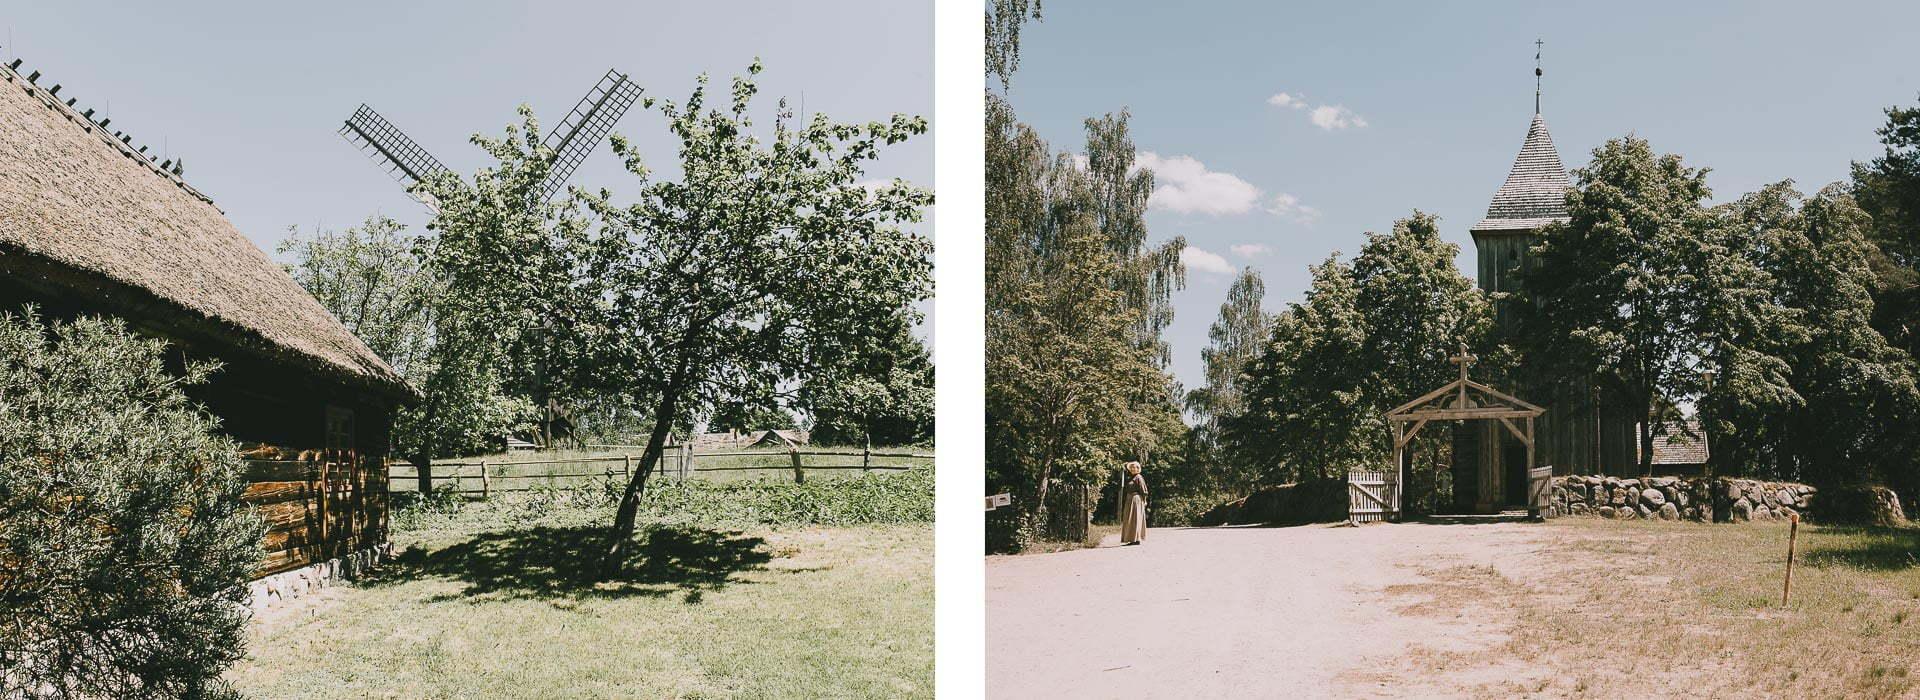 Kaszubski Park Etnograficzny weWdzydzach Kiszewskich - kościół